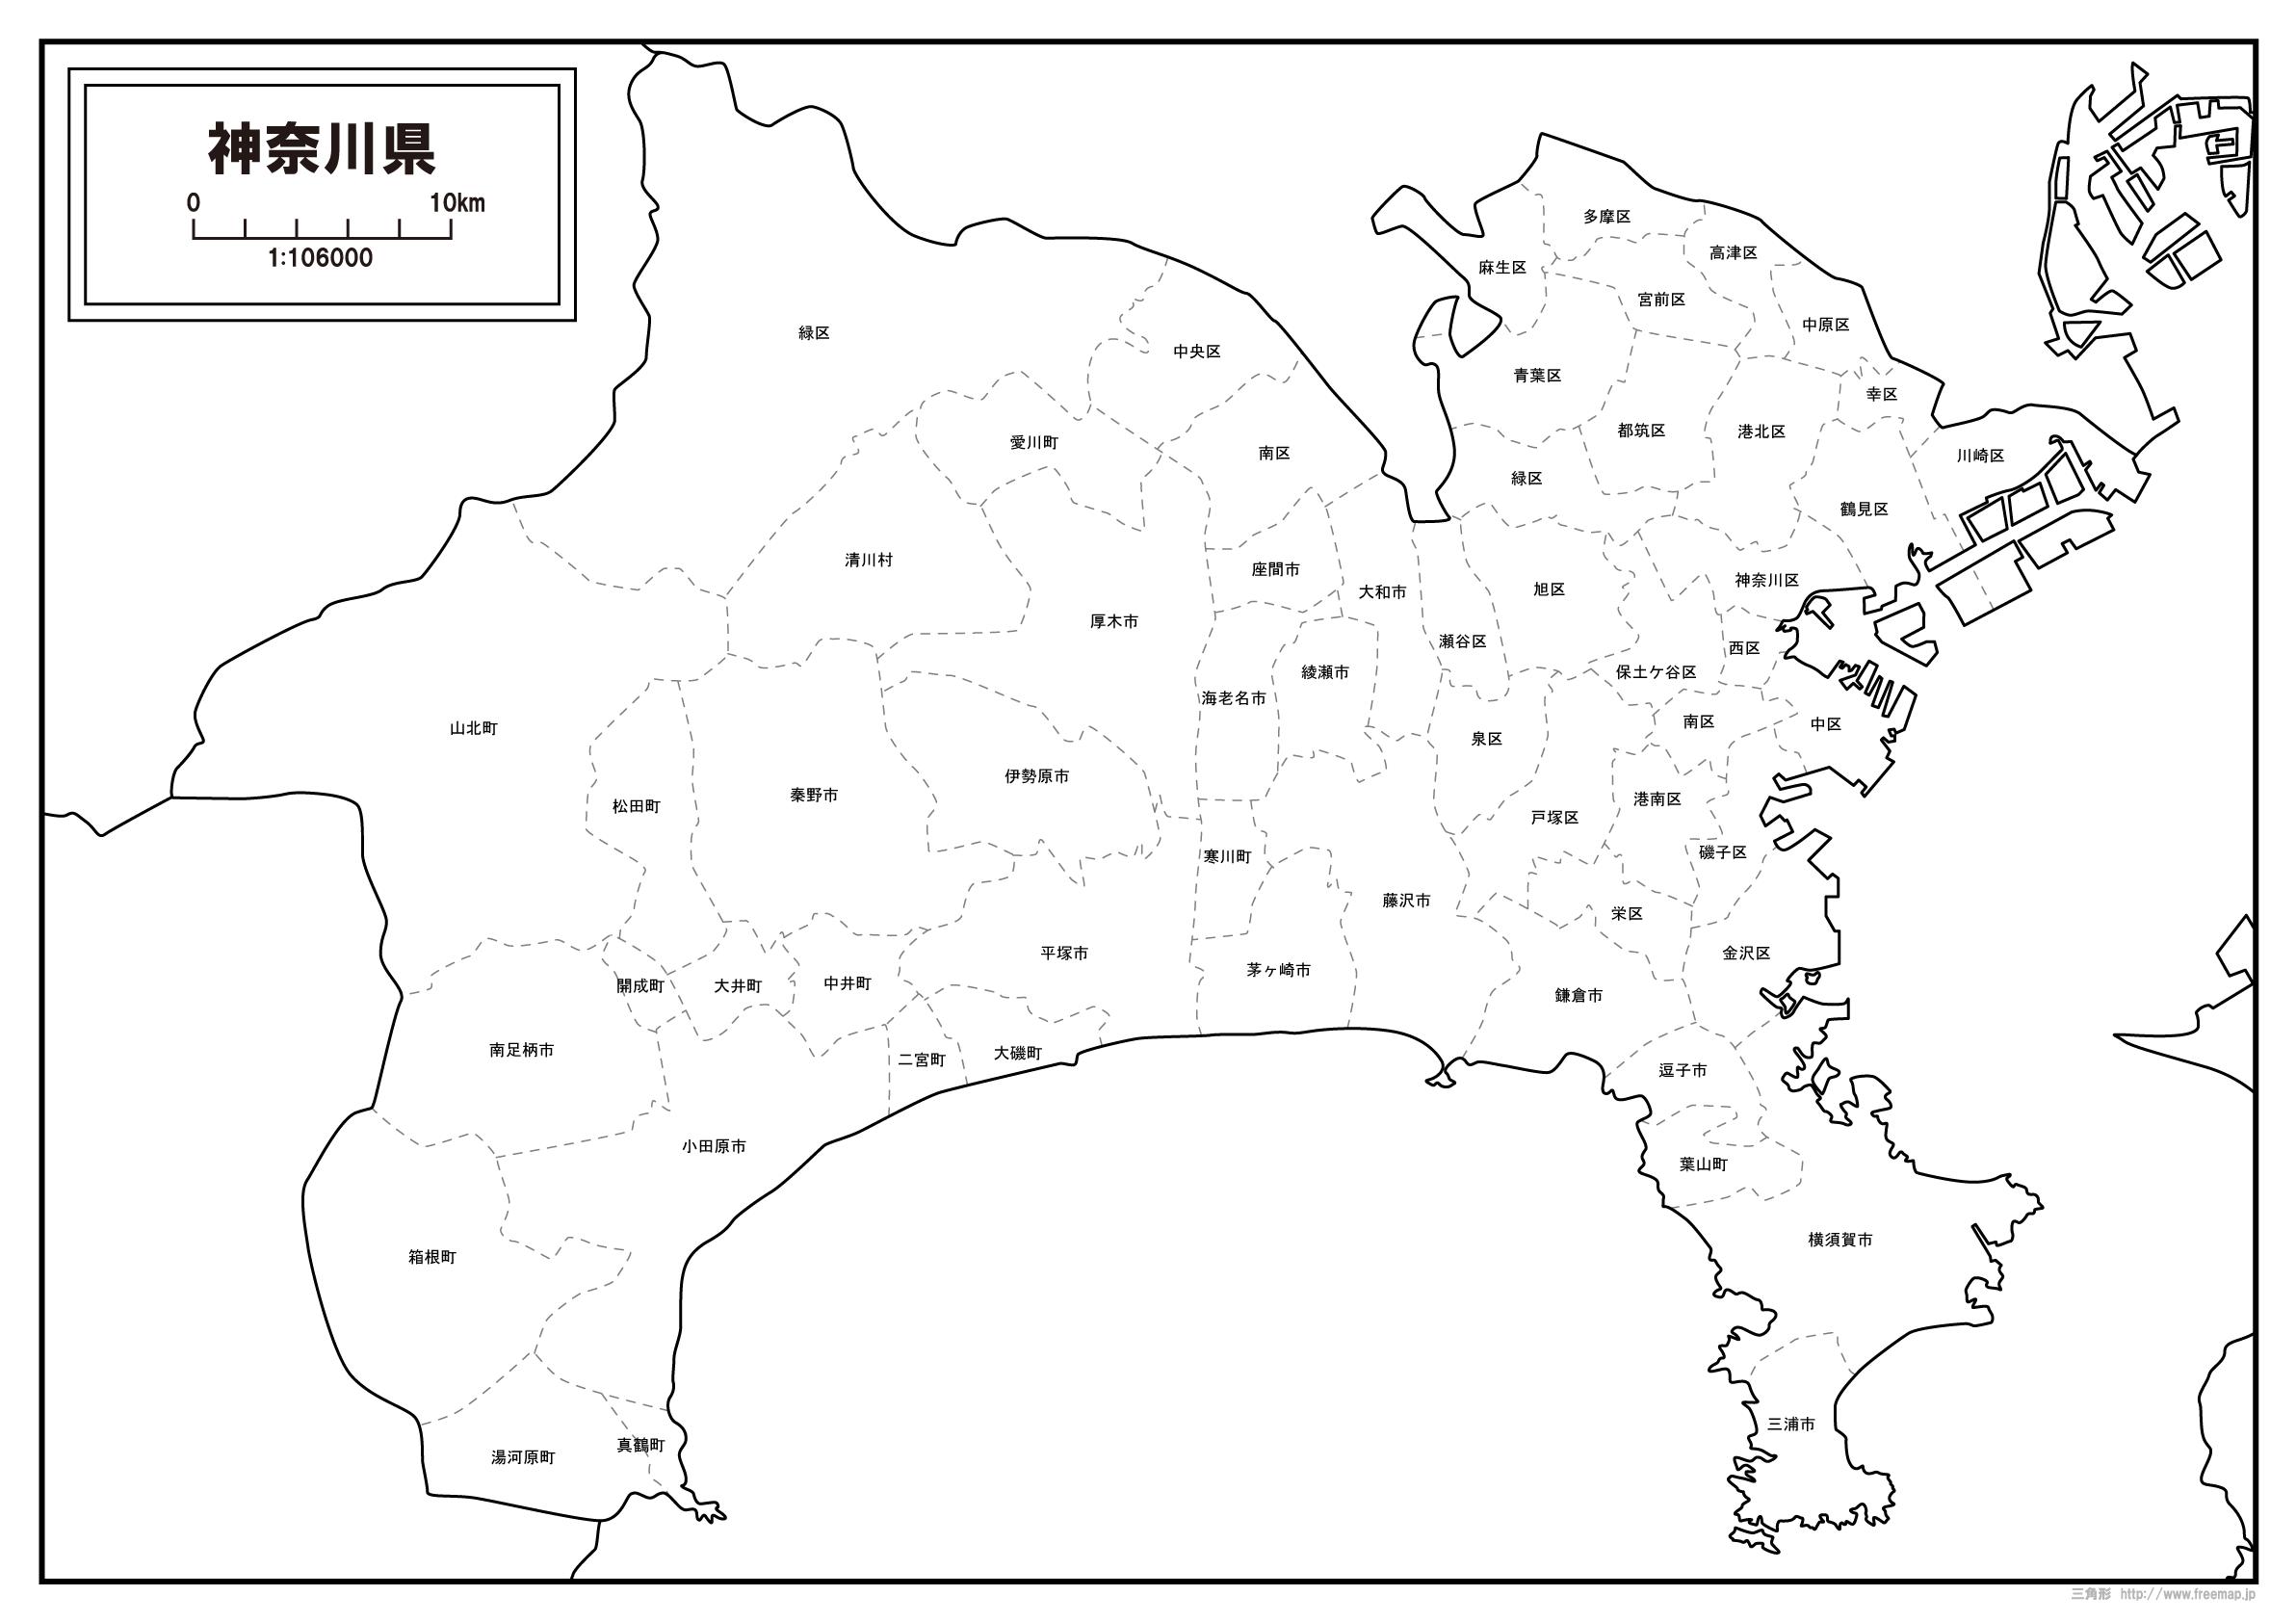 地図 神奈川 県 神奈川県の地図(ストリートビュー、渋滞情報、衛星画像)